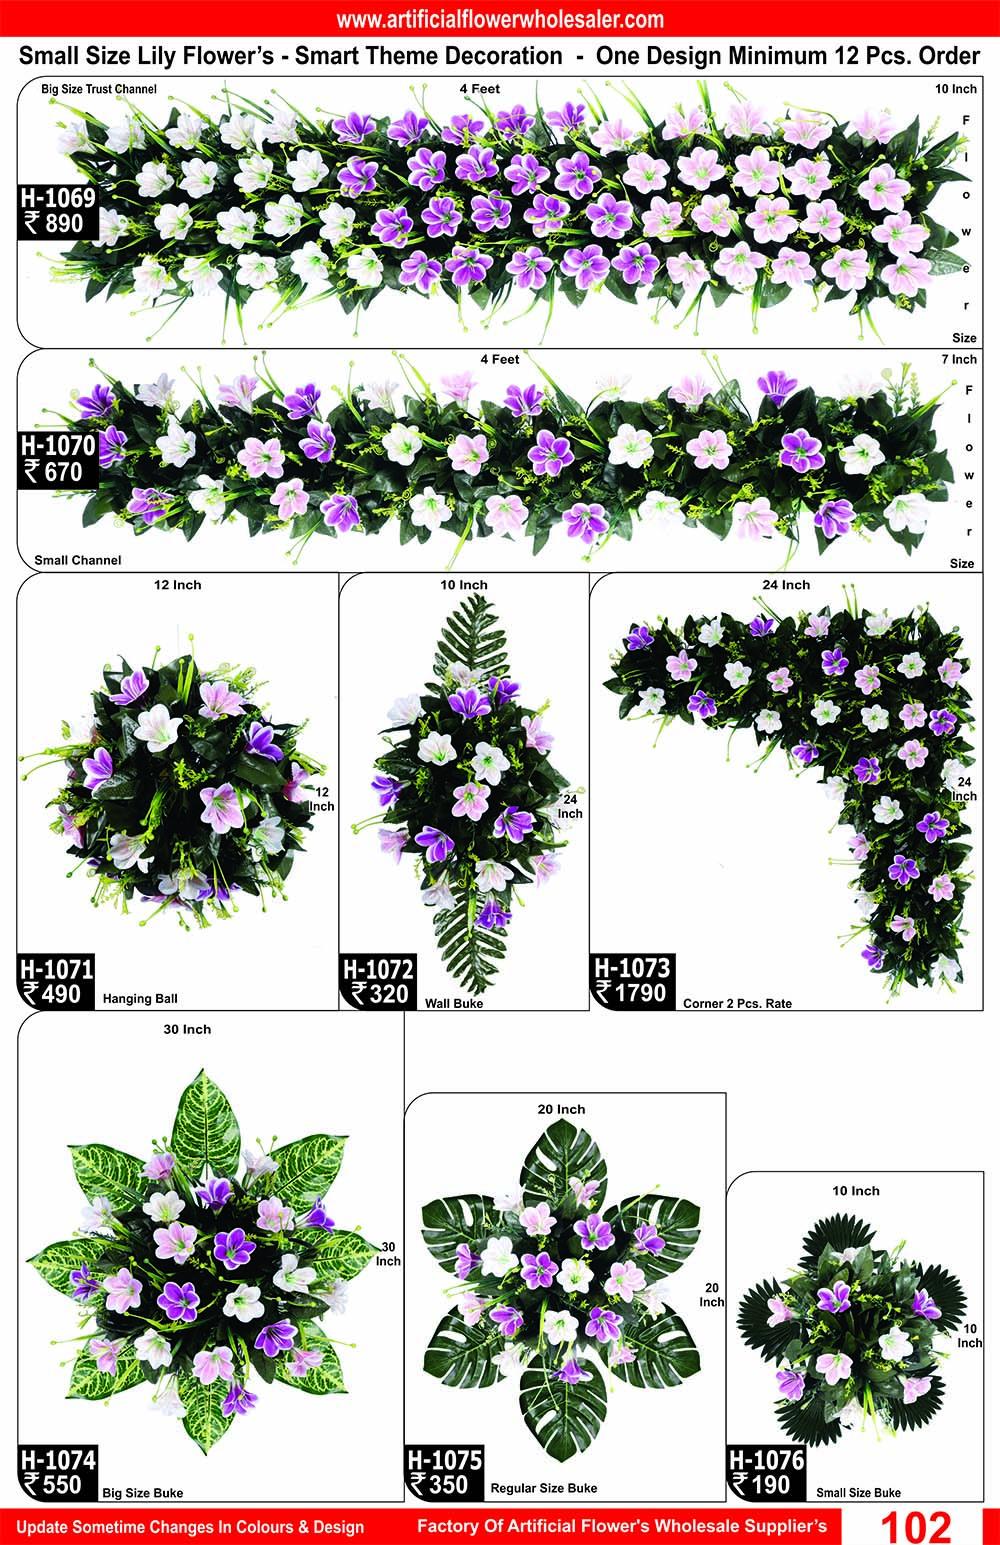 102-artificial-flower-wholesaler